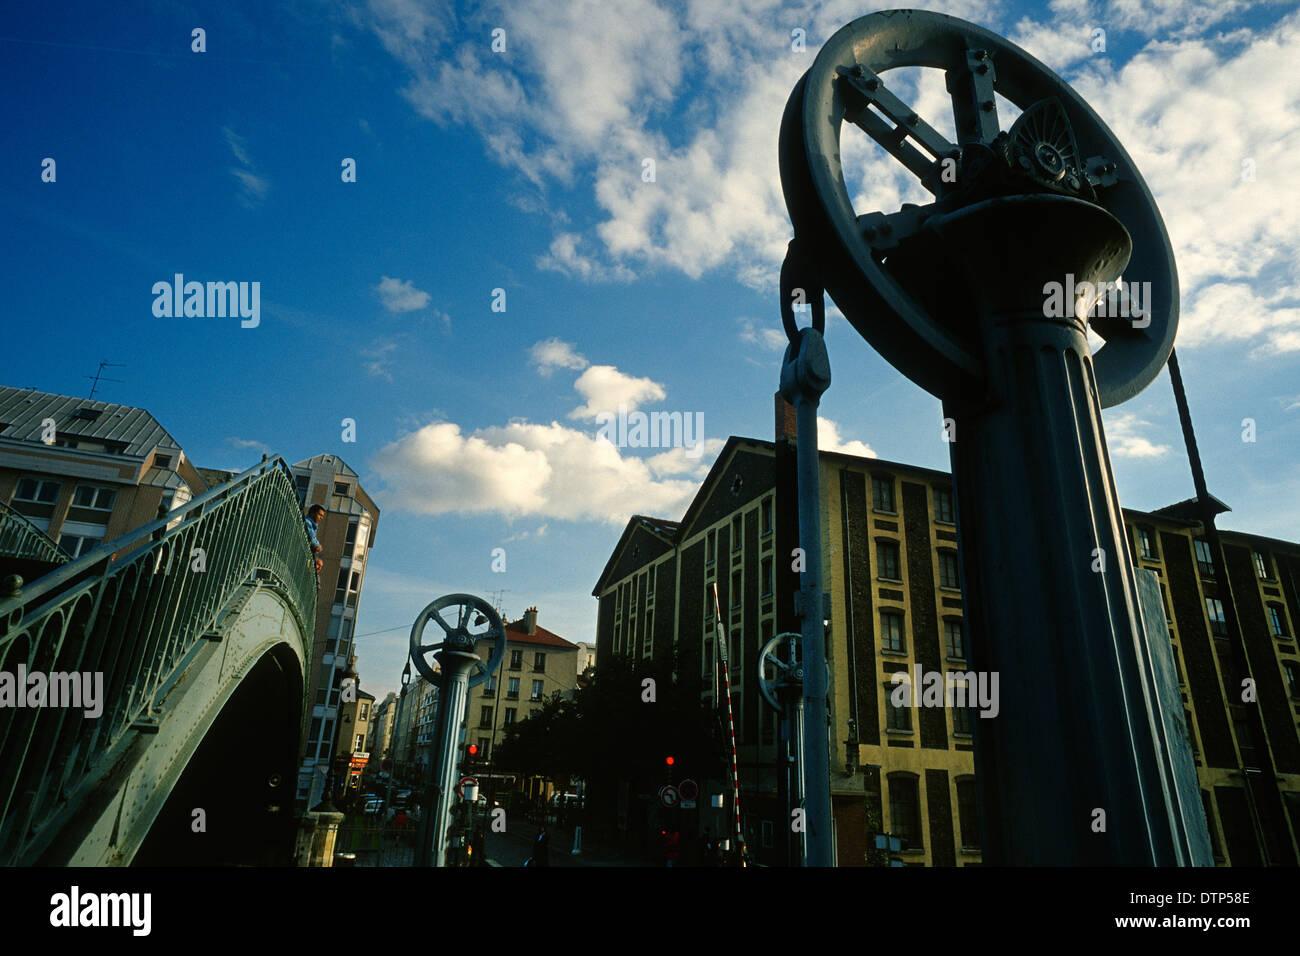 The lifting Pont de Crimee crosses the Canal de l'Ourcq / Bassin de la Villette, Paris France.  Stock Photo